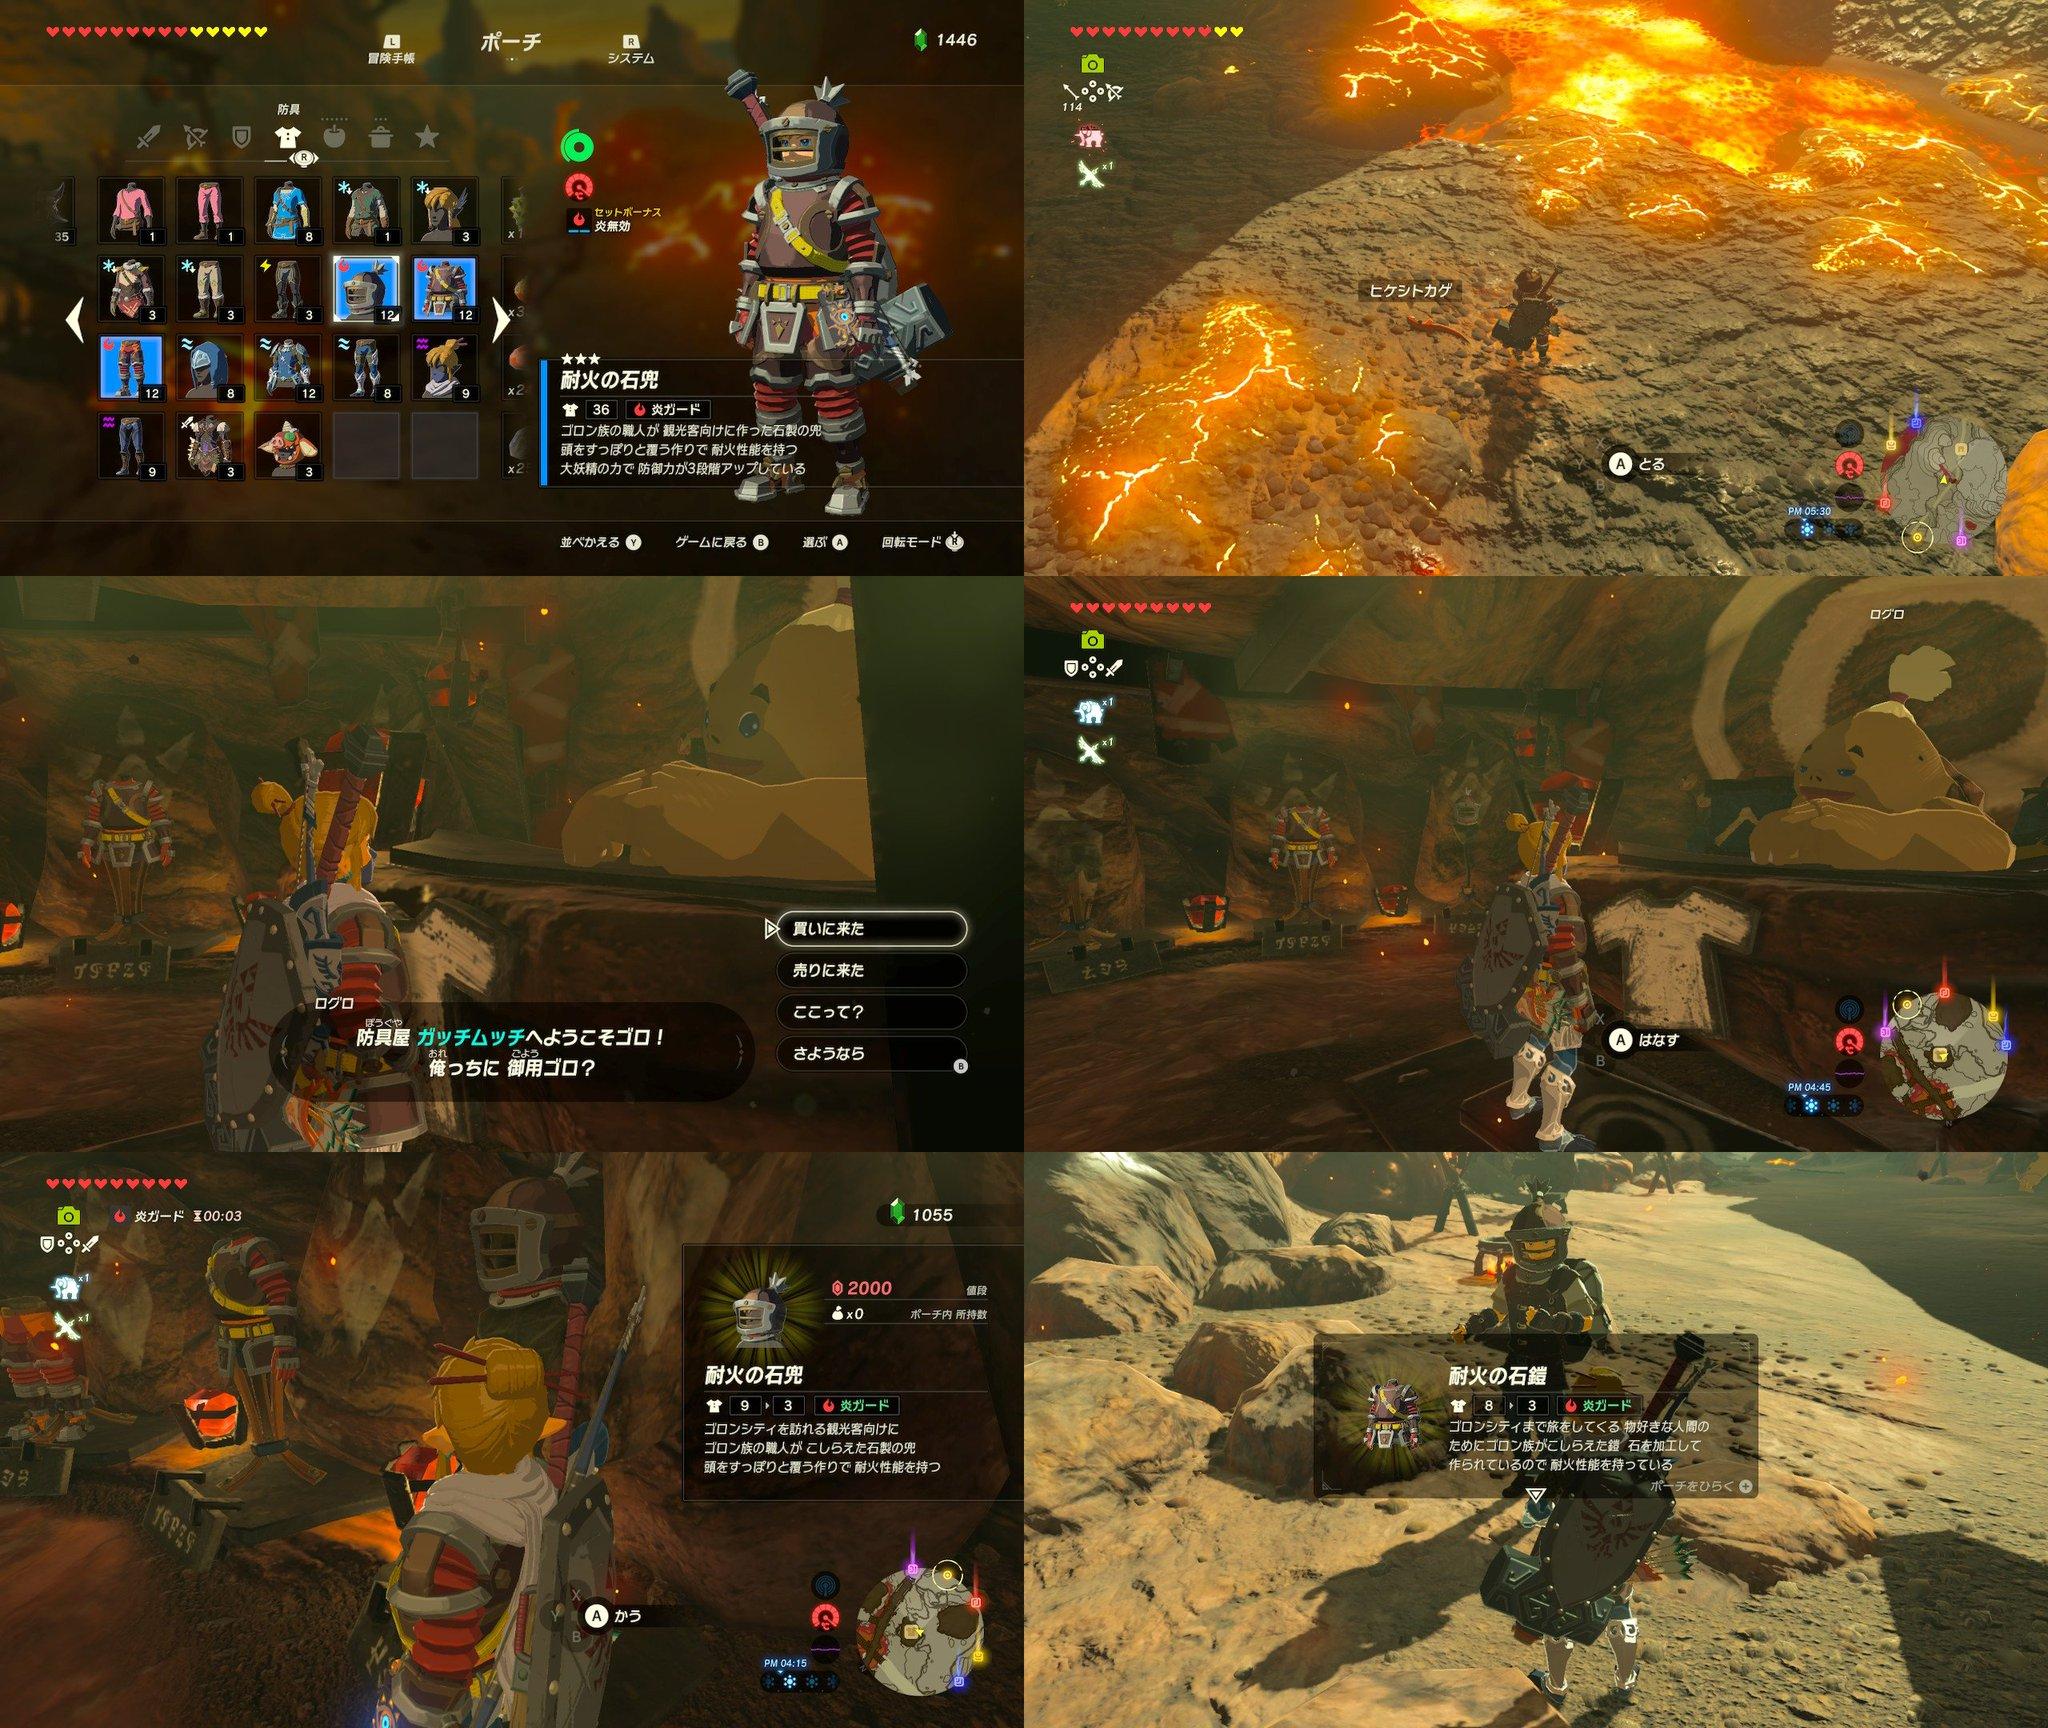 耐火装備3つをゲット。大妖精の力で防御力が3段階アップ。セットボーナス炎無効。ヒケシトカゲをたくさん集める。防具屋ガッチムッチ。 #ゼルダの伝説 #BreathoftheWild #NintendoSwitch https://t.co/VGFV56JzyN